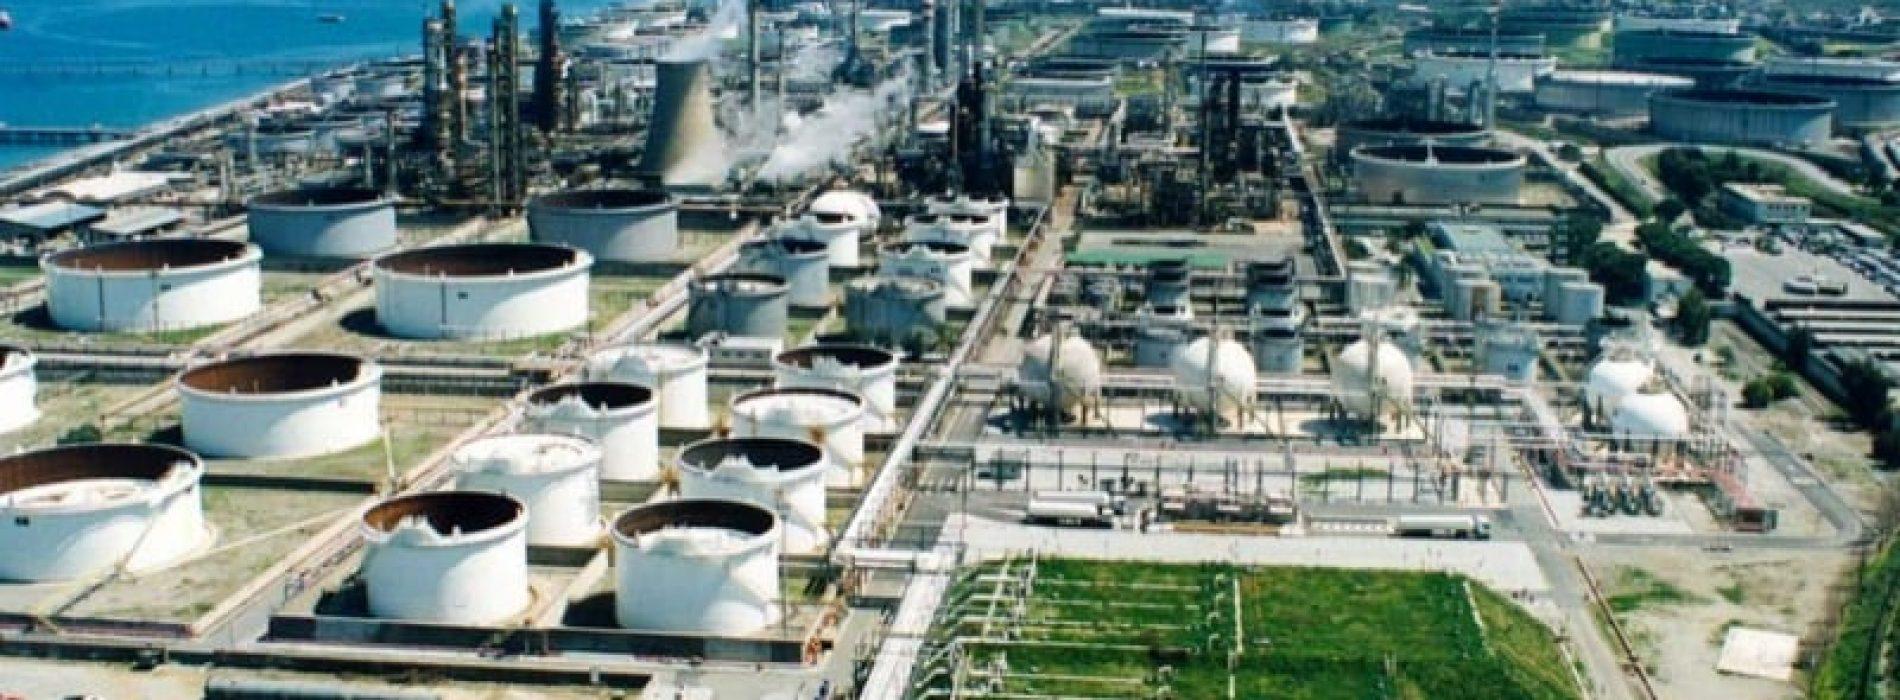 L'Angola invita a presentare offerte per finanziare una raffineria di petrolio da 200.000 b/gg